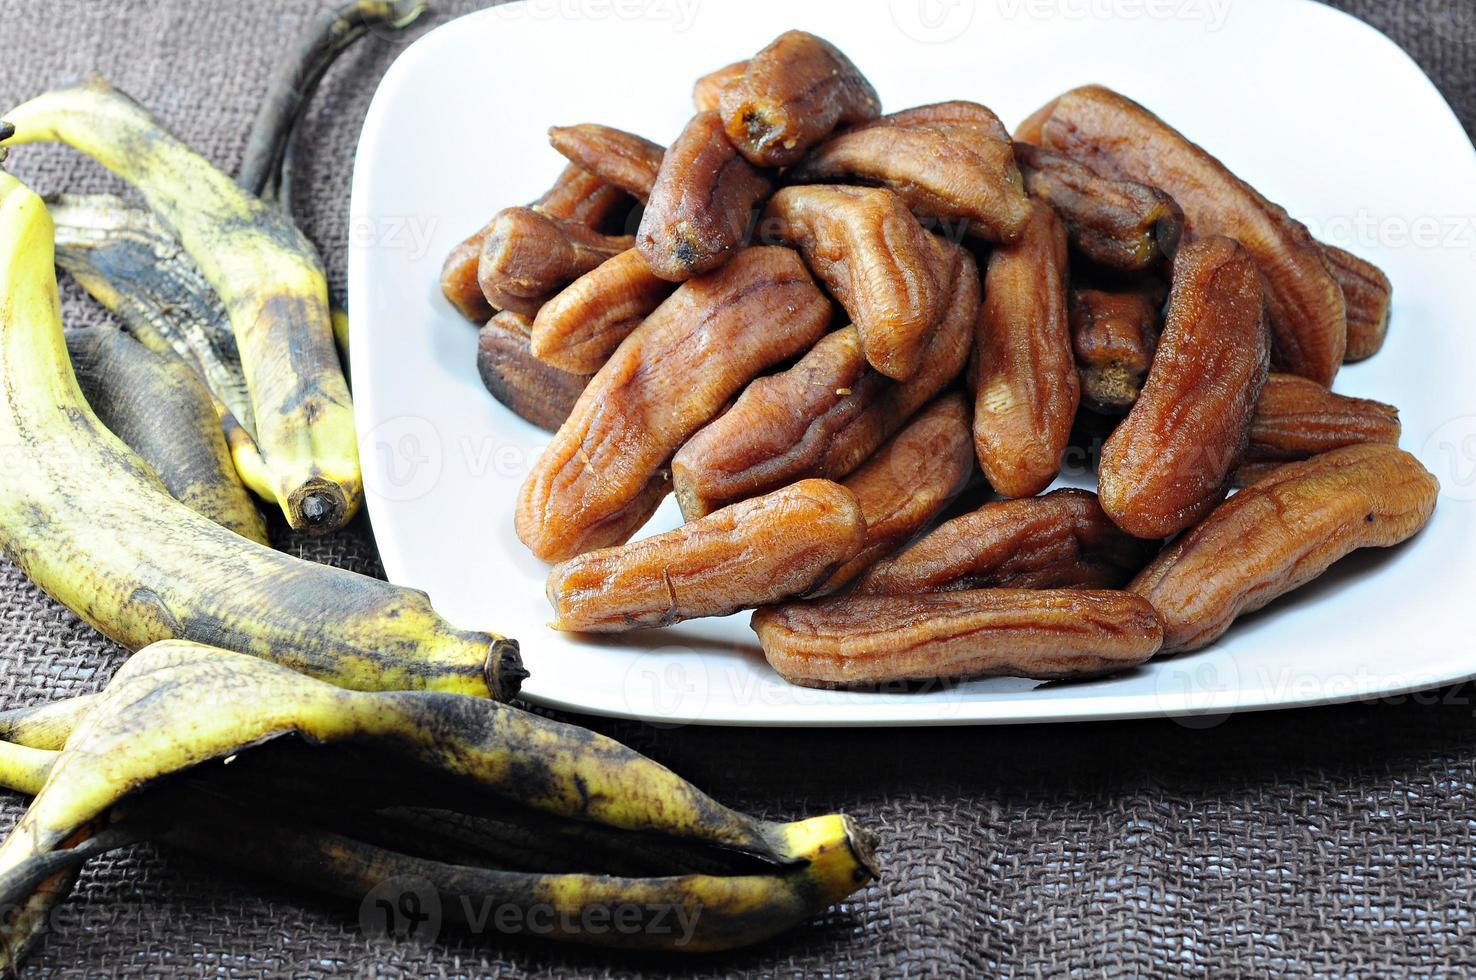 écorce de banane et banane séchée placé une assiette de blanc. photo